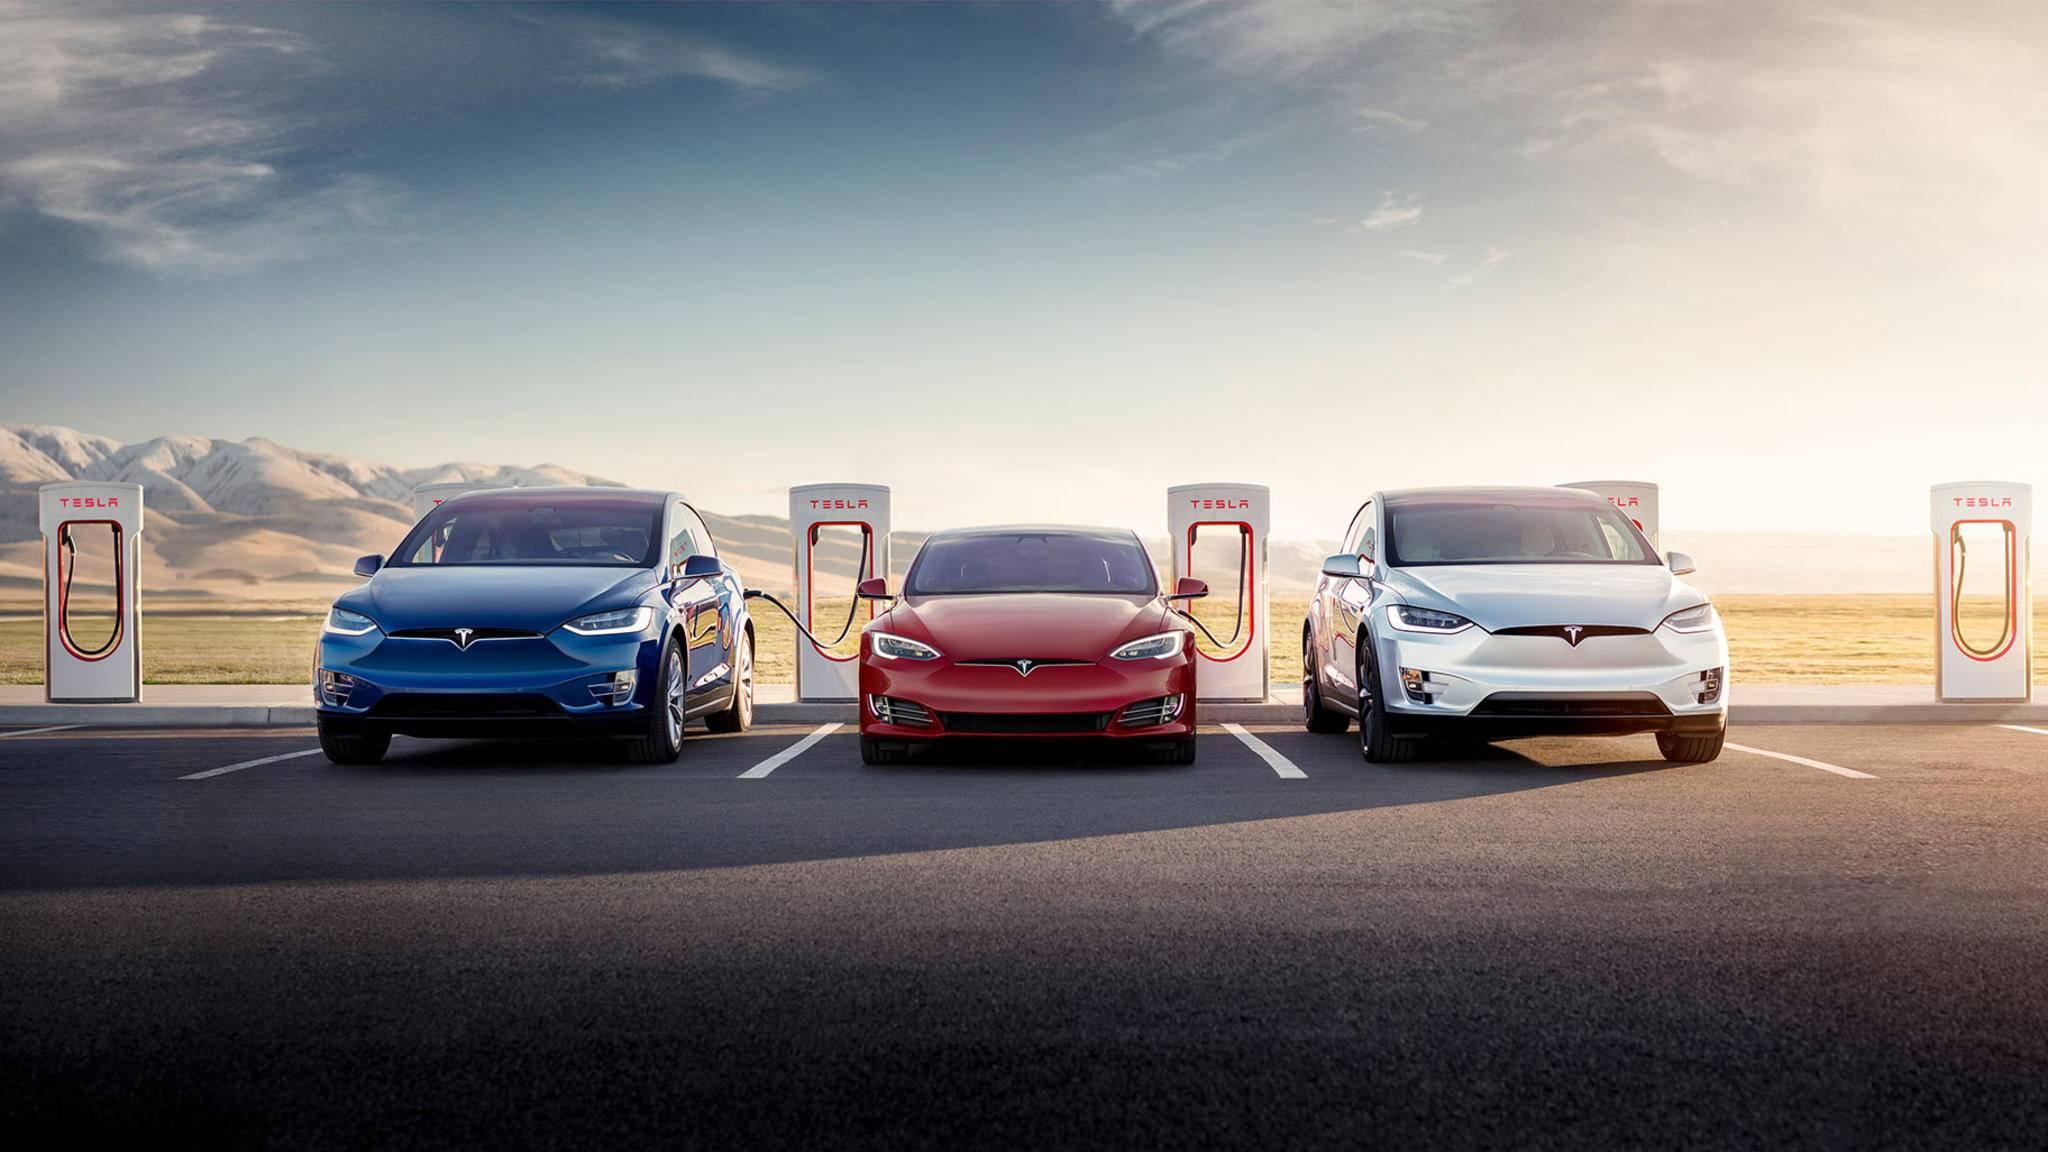 In Deutschland noch ein seltenes Bild: Tesla-Fahrzeuge tanken Energie am Supercharger.